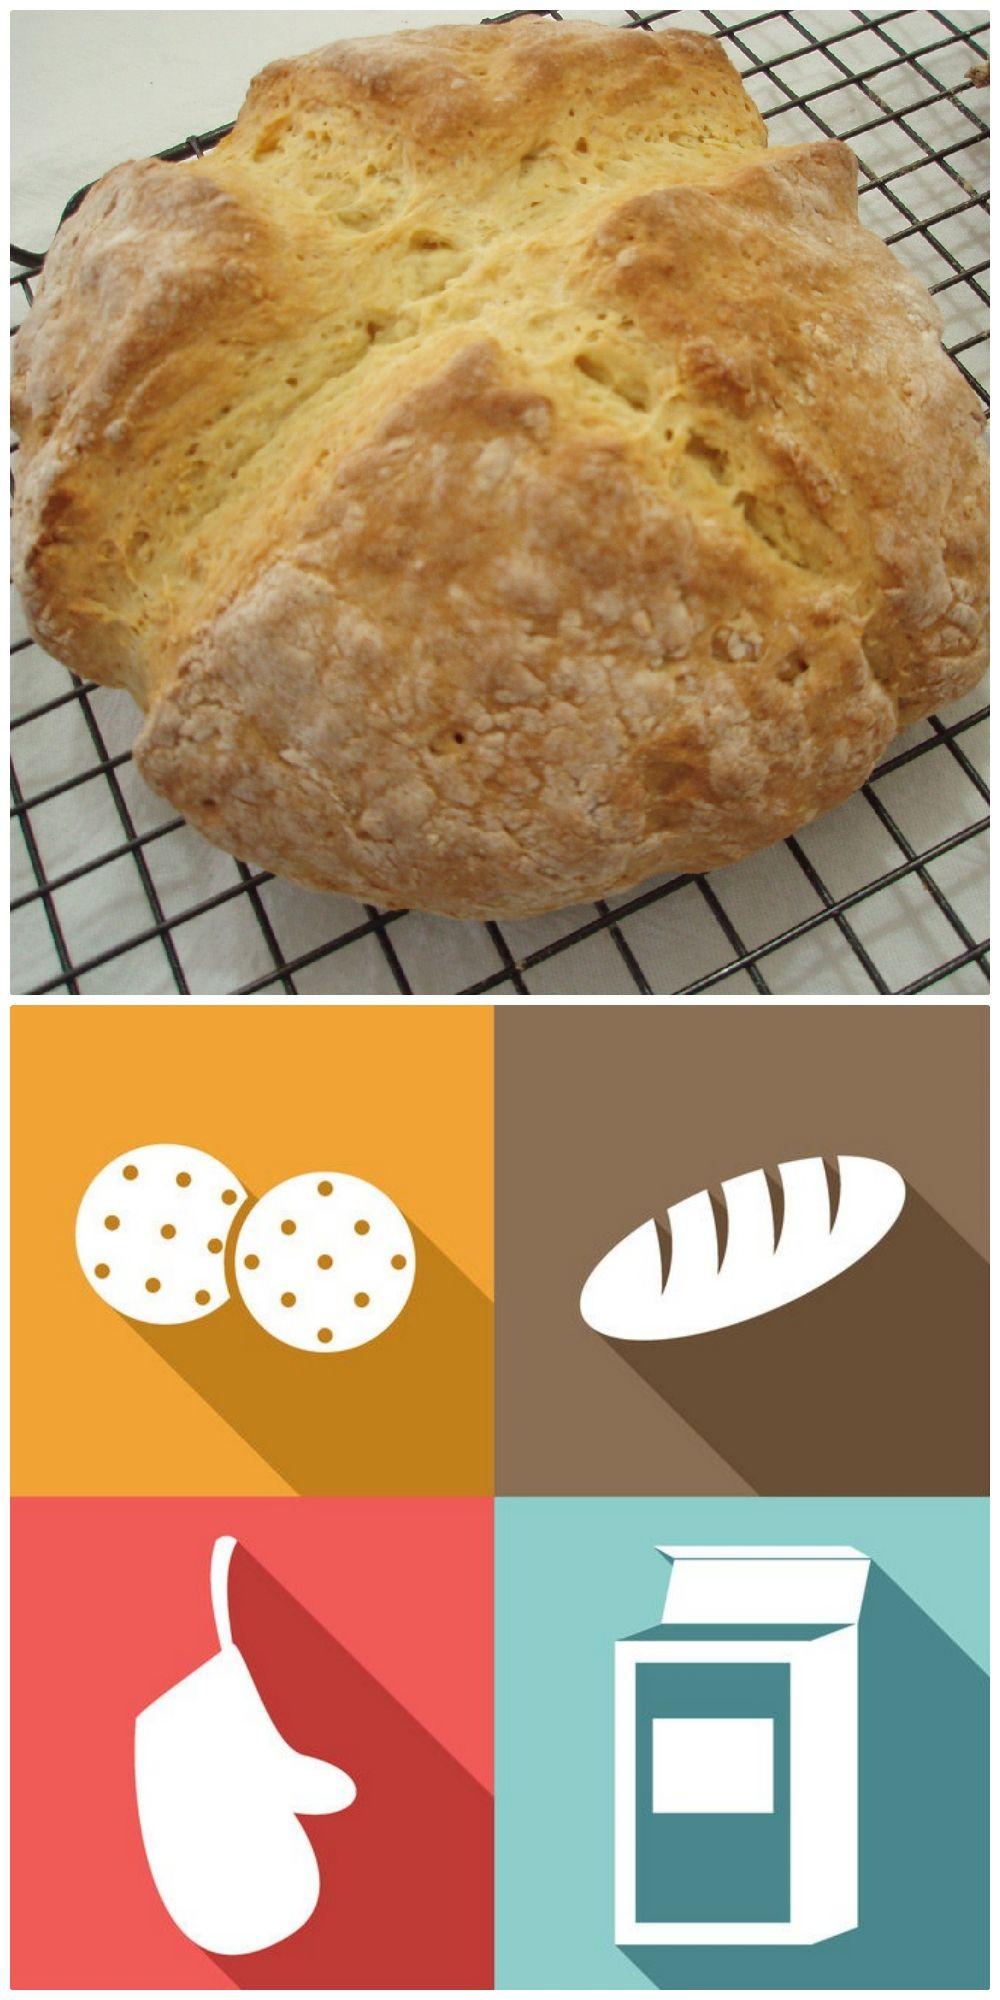 Authentic Irish Soda Bread Recipe Soda Bread Traditional Irish Soda Bread Bread